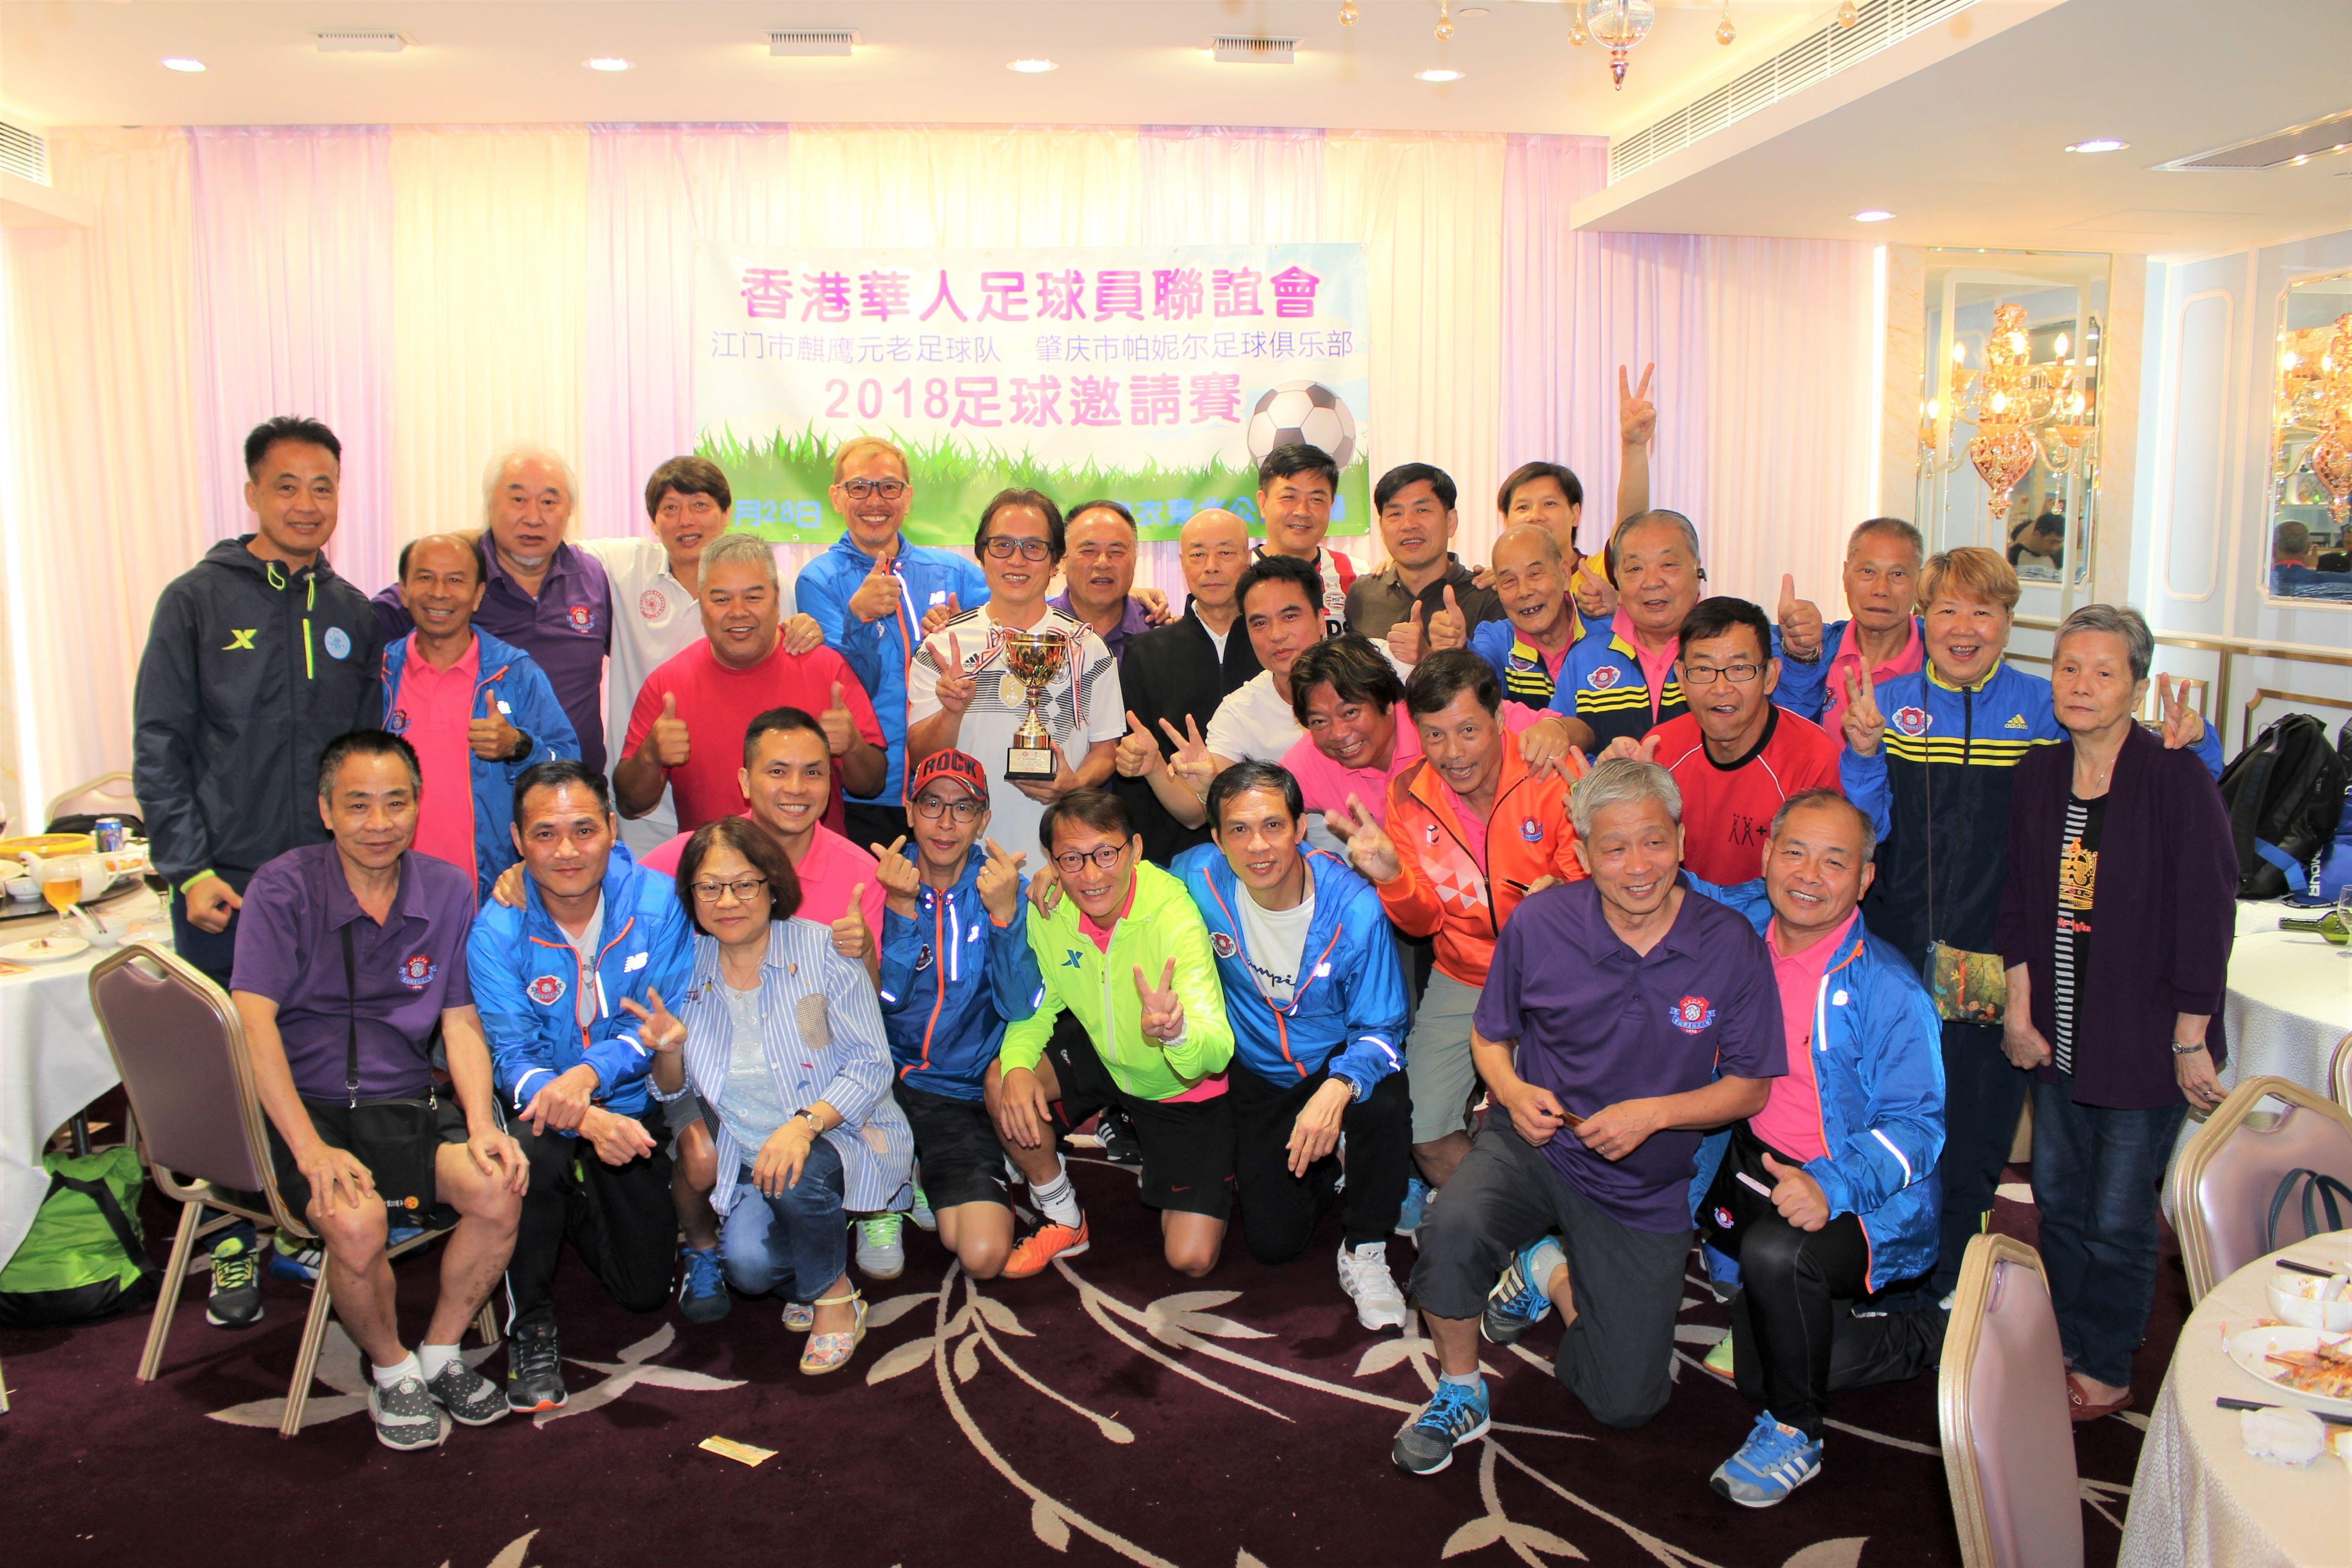 2018-04-28 球員會,肇慶,江門三角賽相 084